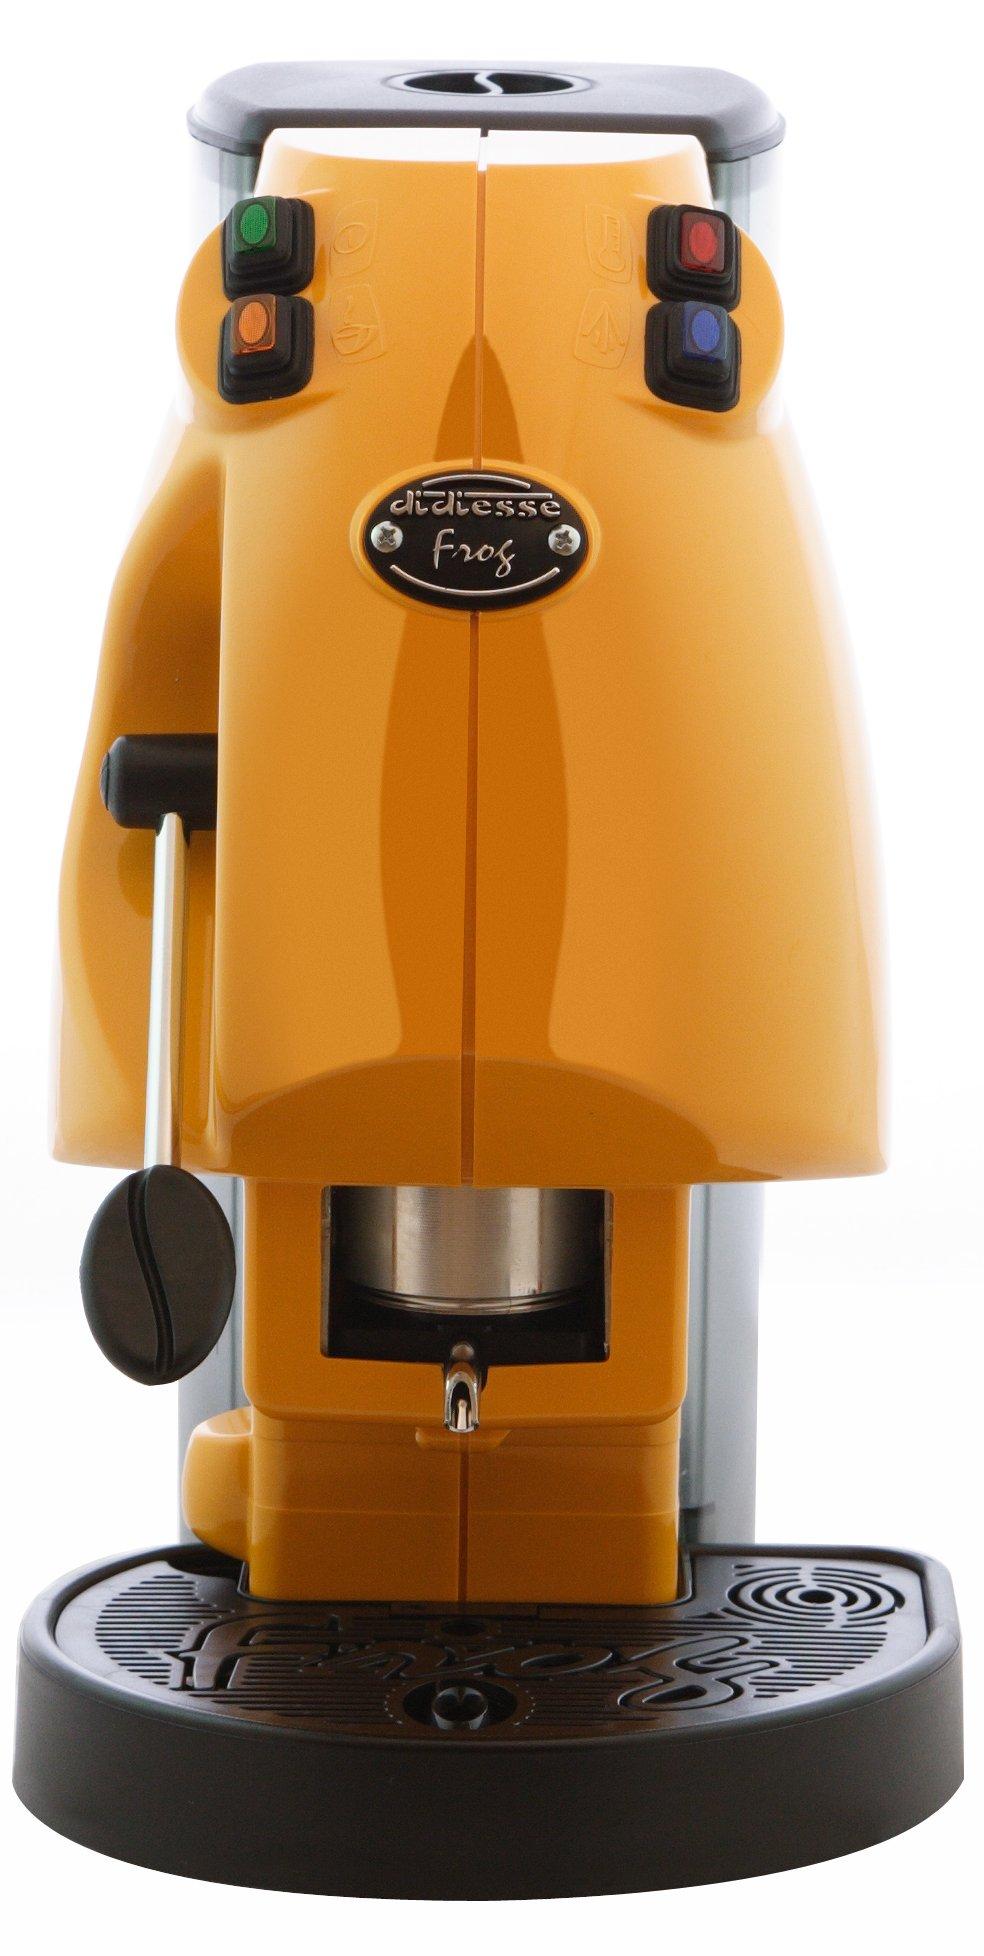 macchintta caffè 14